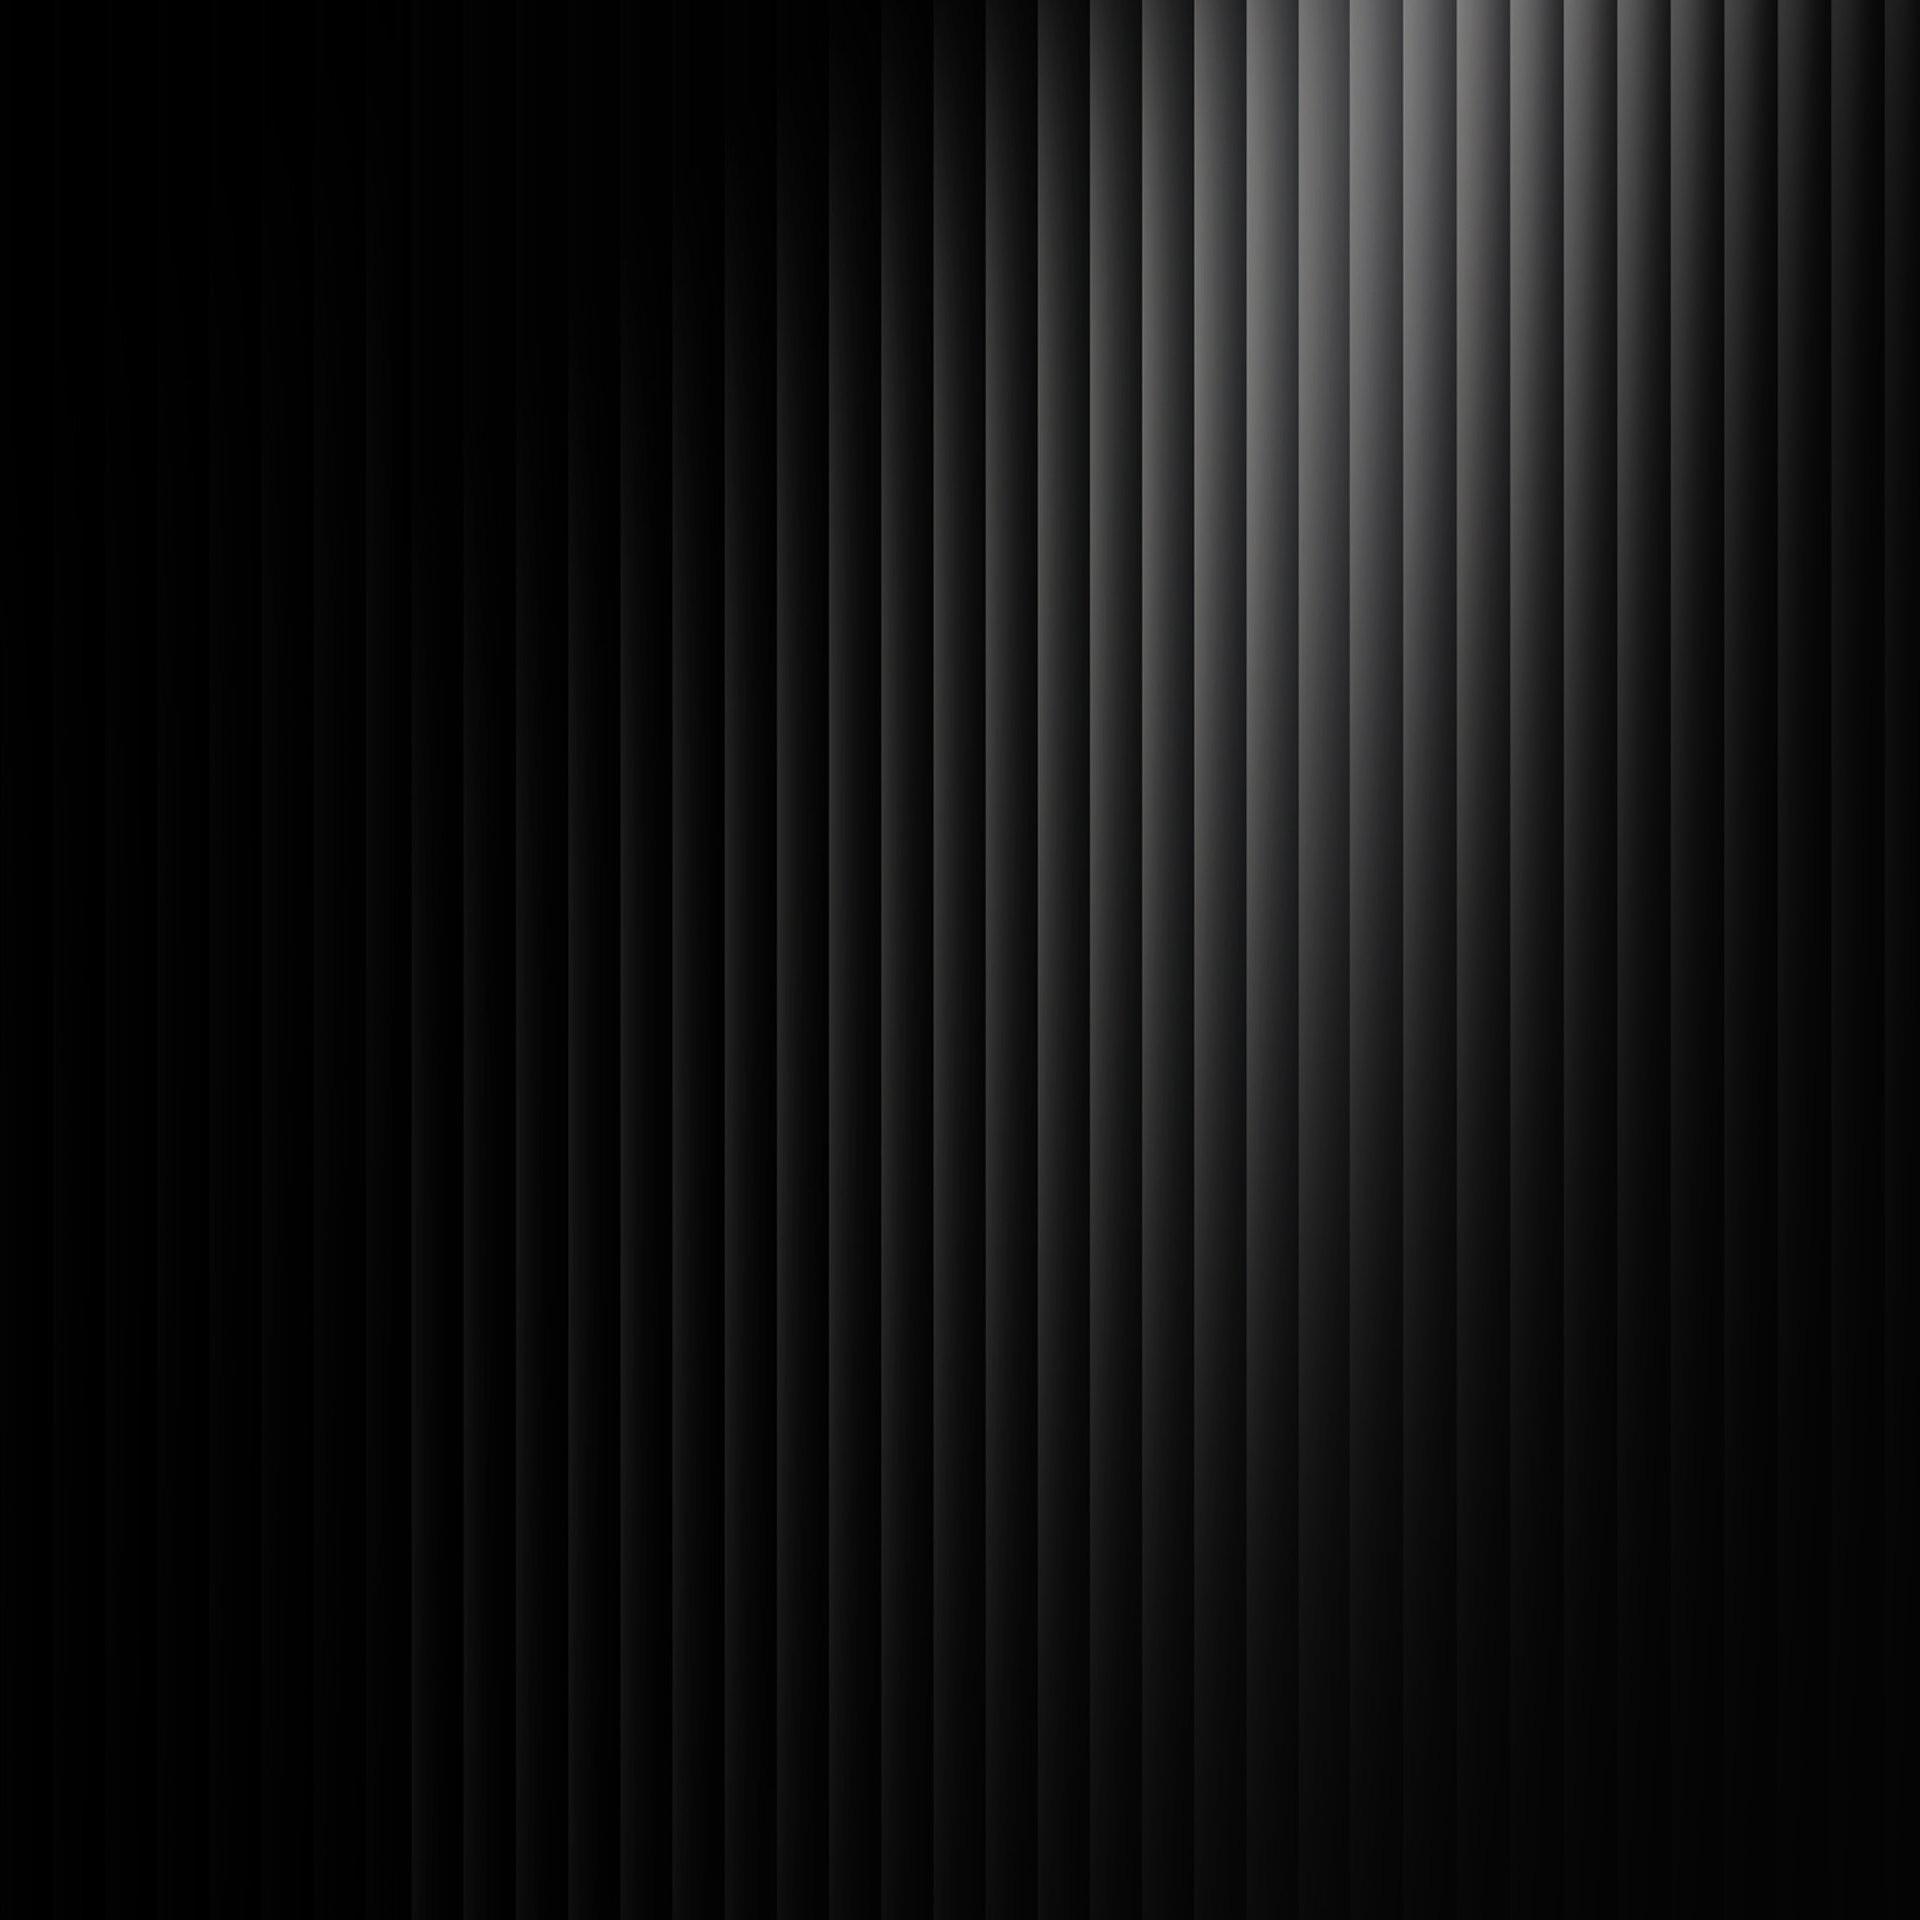 Sfondi black 68 immagini for Sfondi hd s4